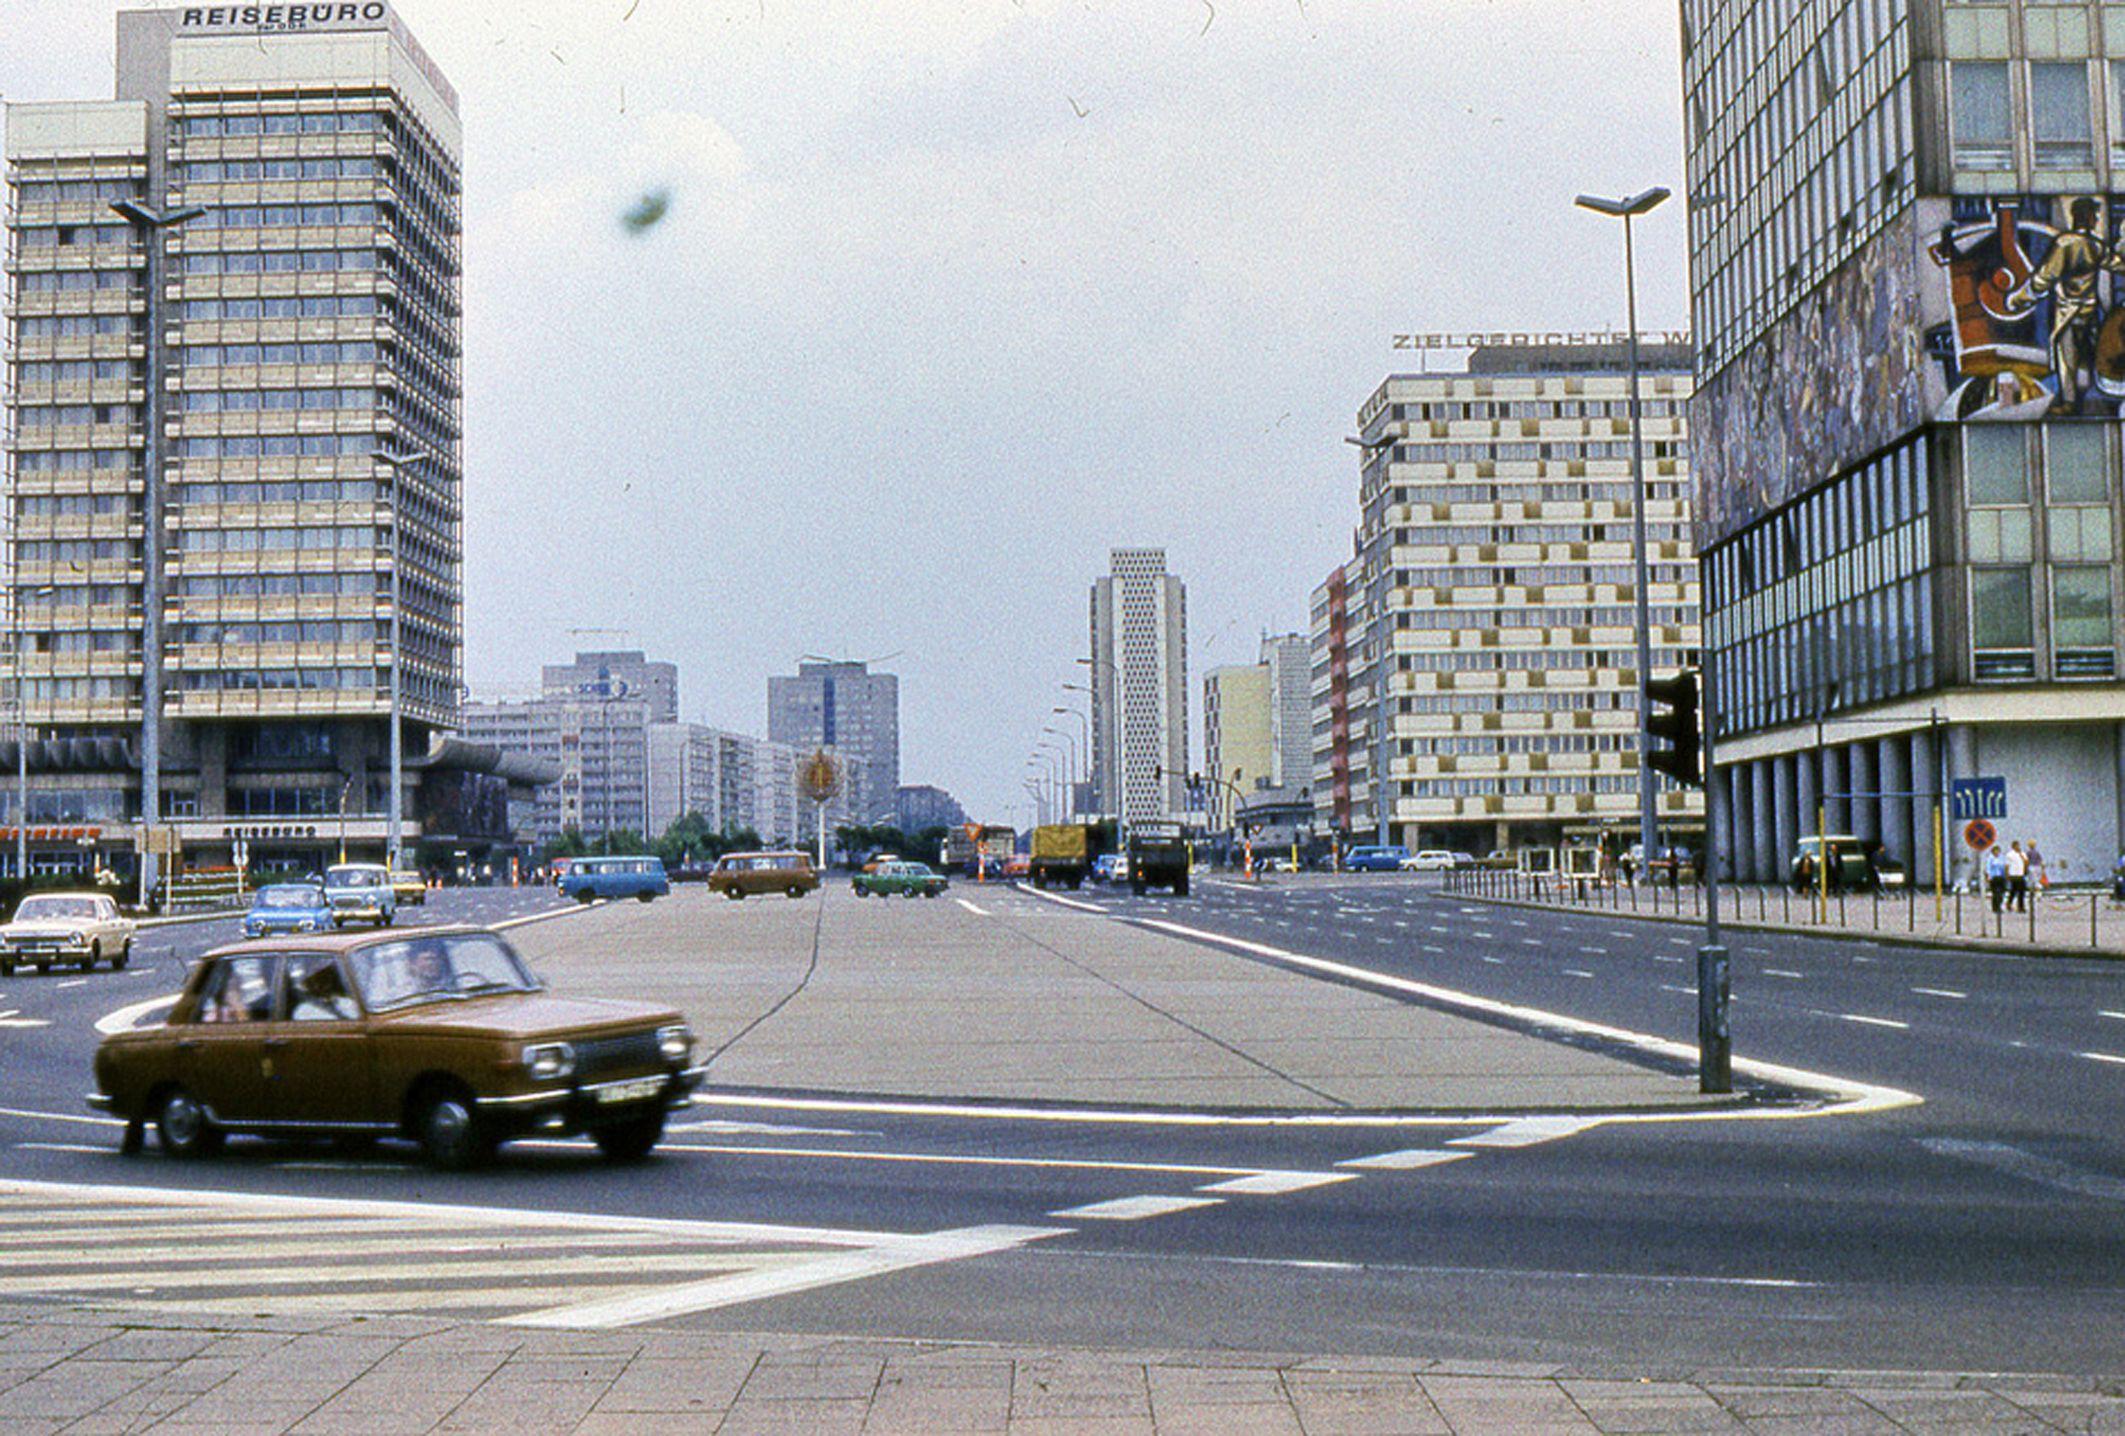 Alexanderplatz Haus Des Reisens Haus Der Statistik Und Das Haus Des Lehrers 1980 Ostberlin Berlin Berlin Hauptstadt